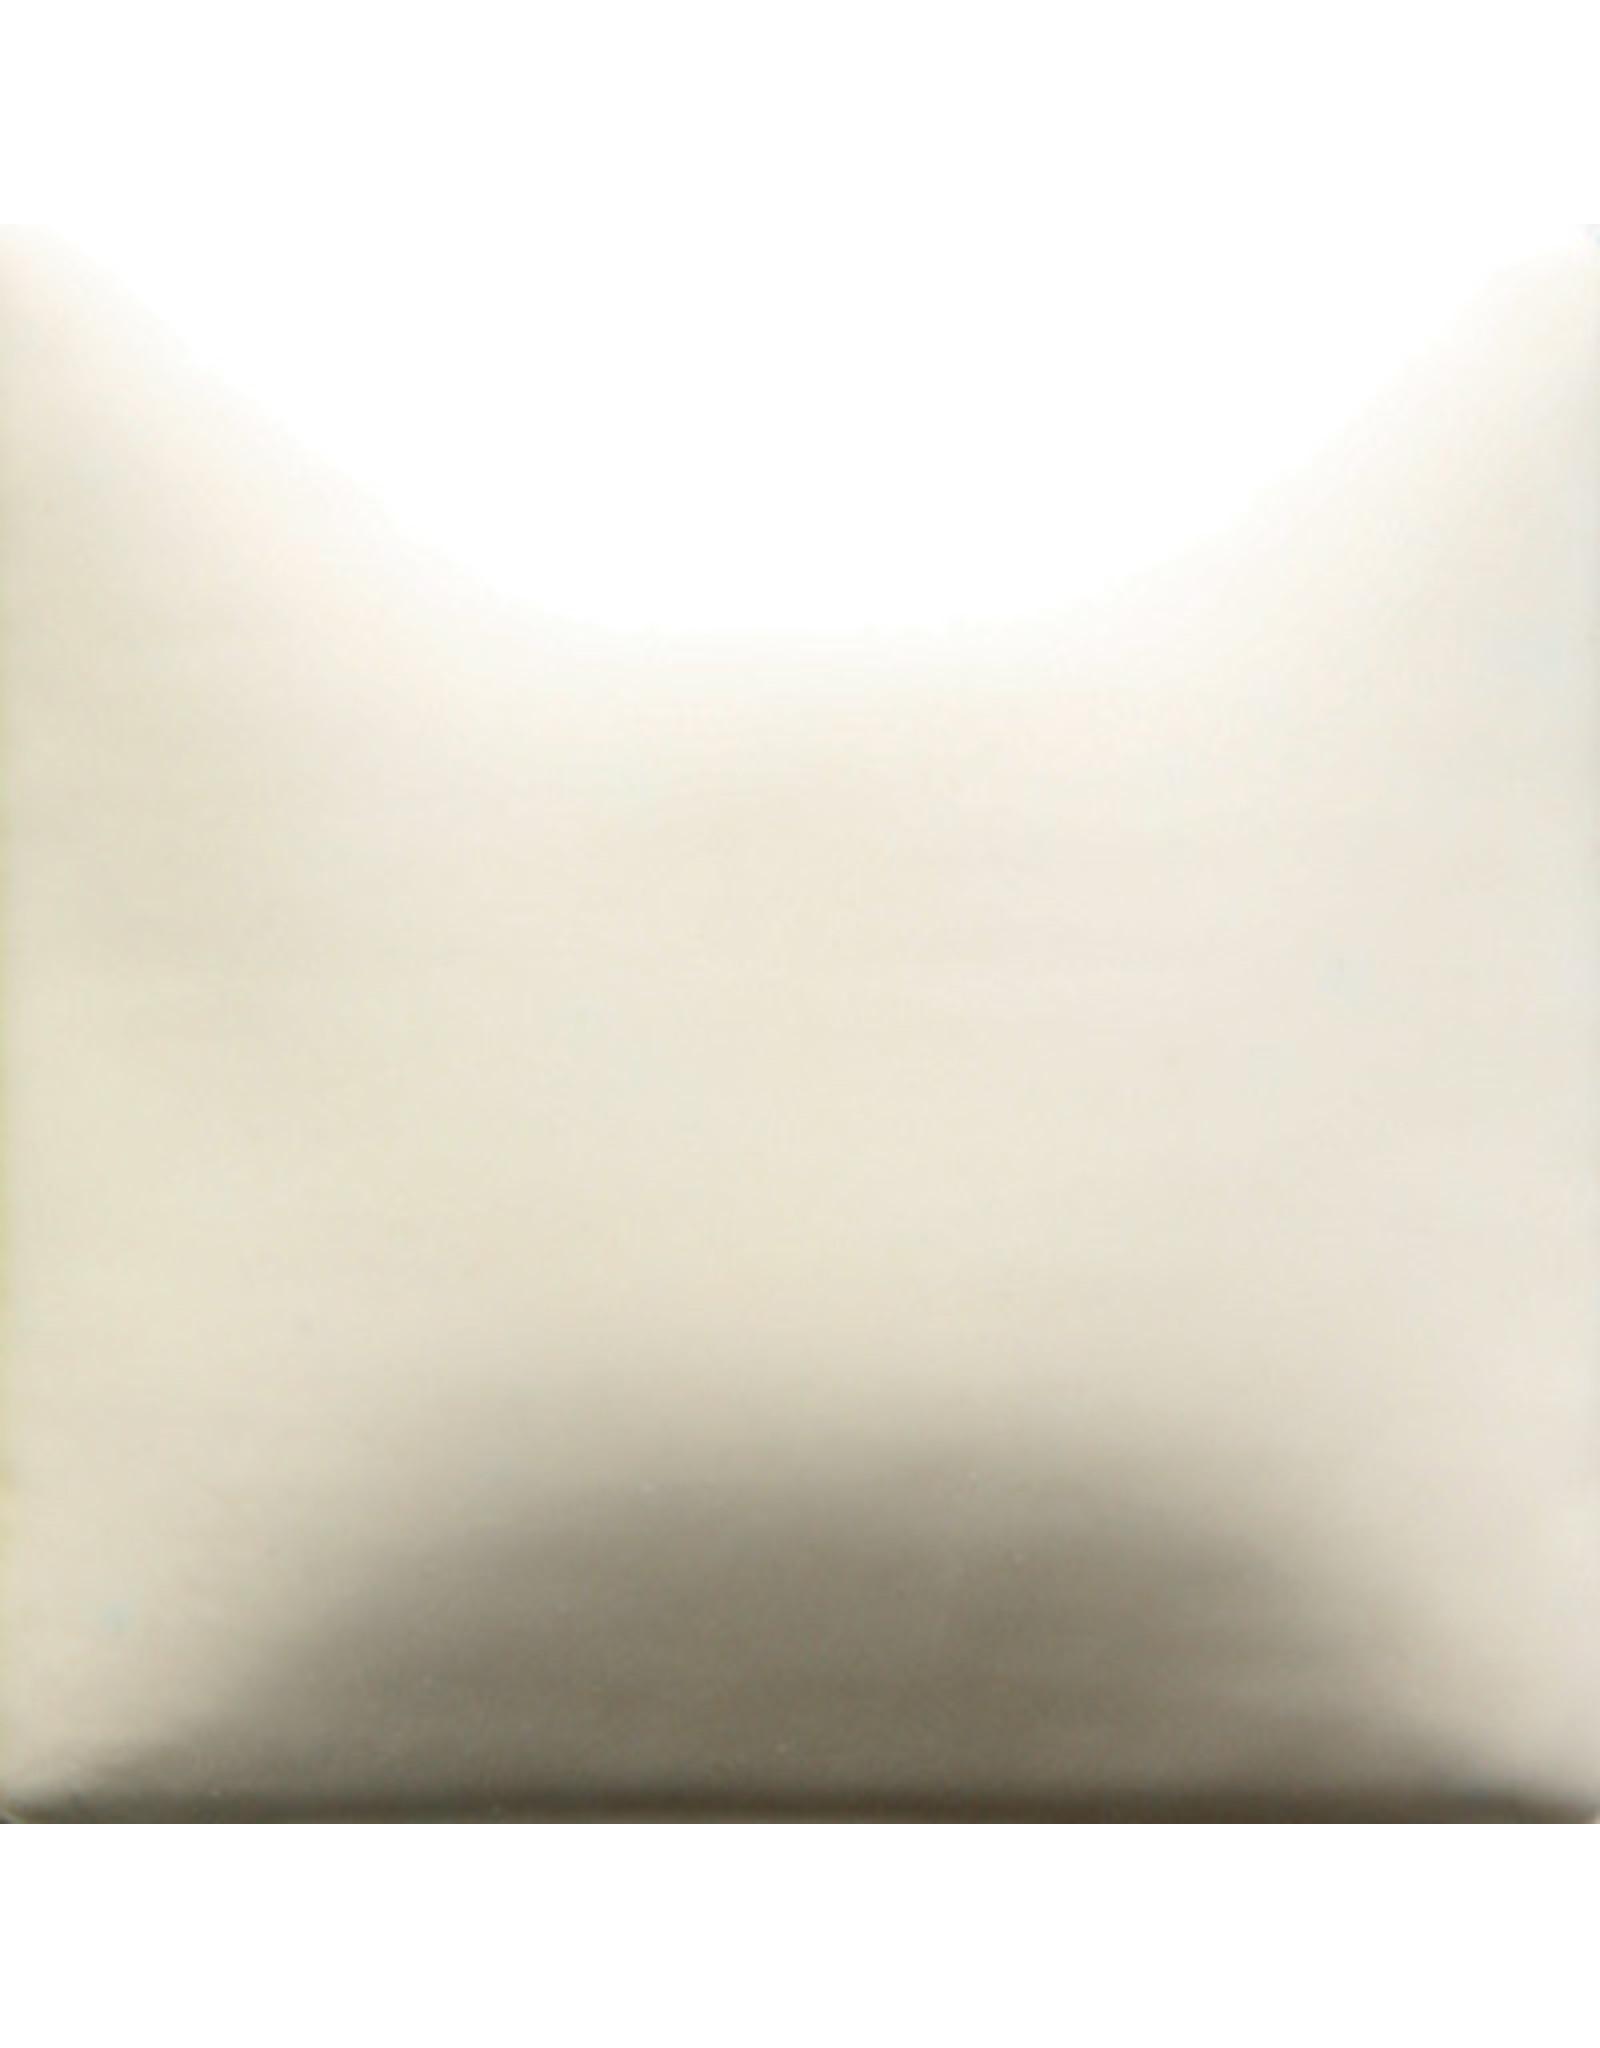 Mayco Mayco Foundations Matte Marshmallow White 473ml